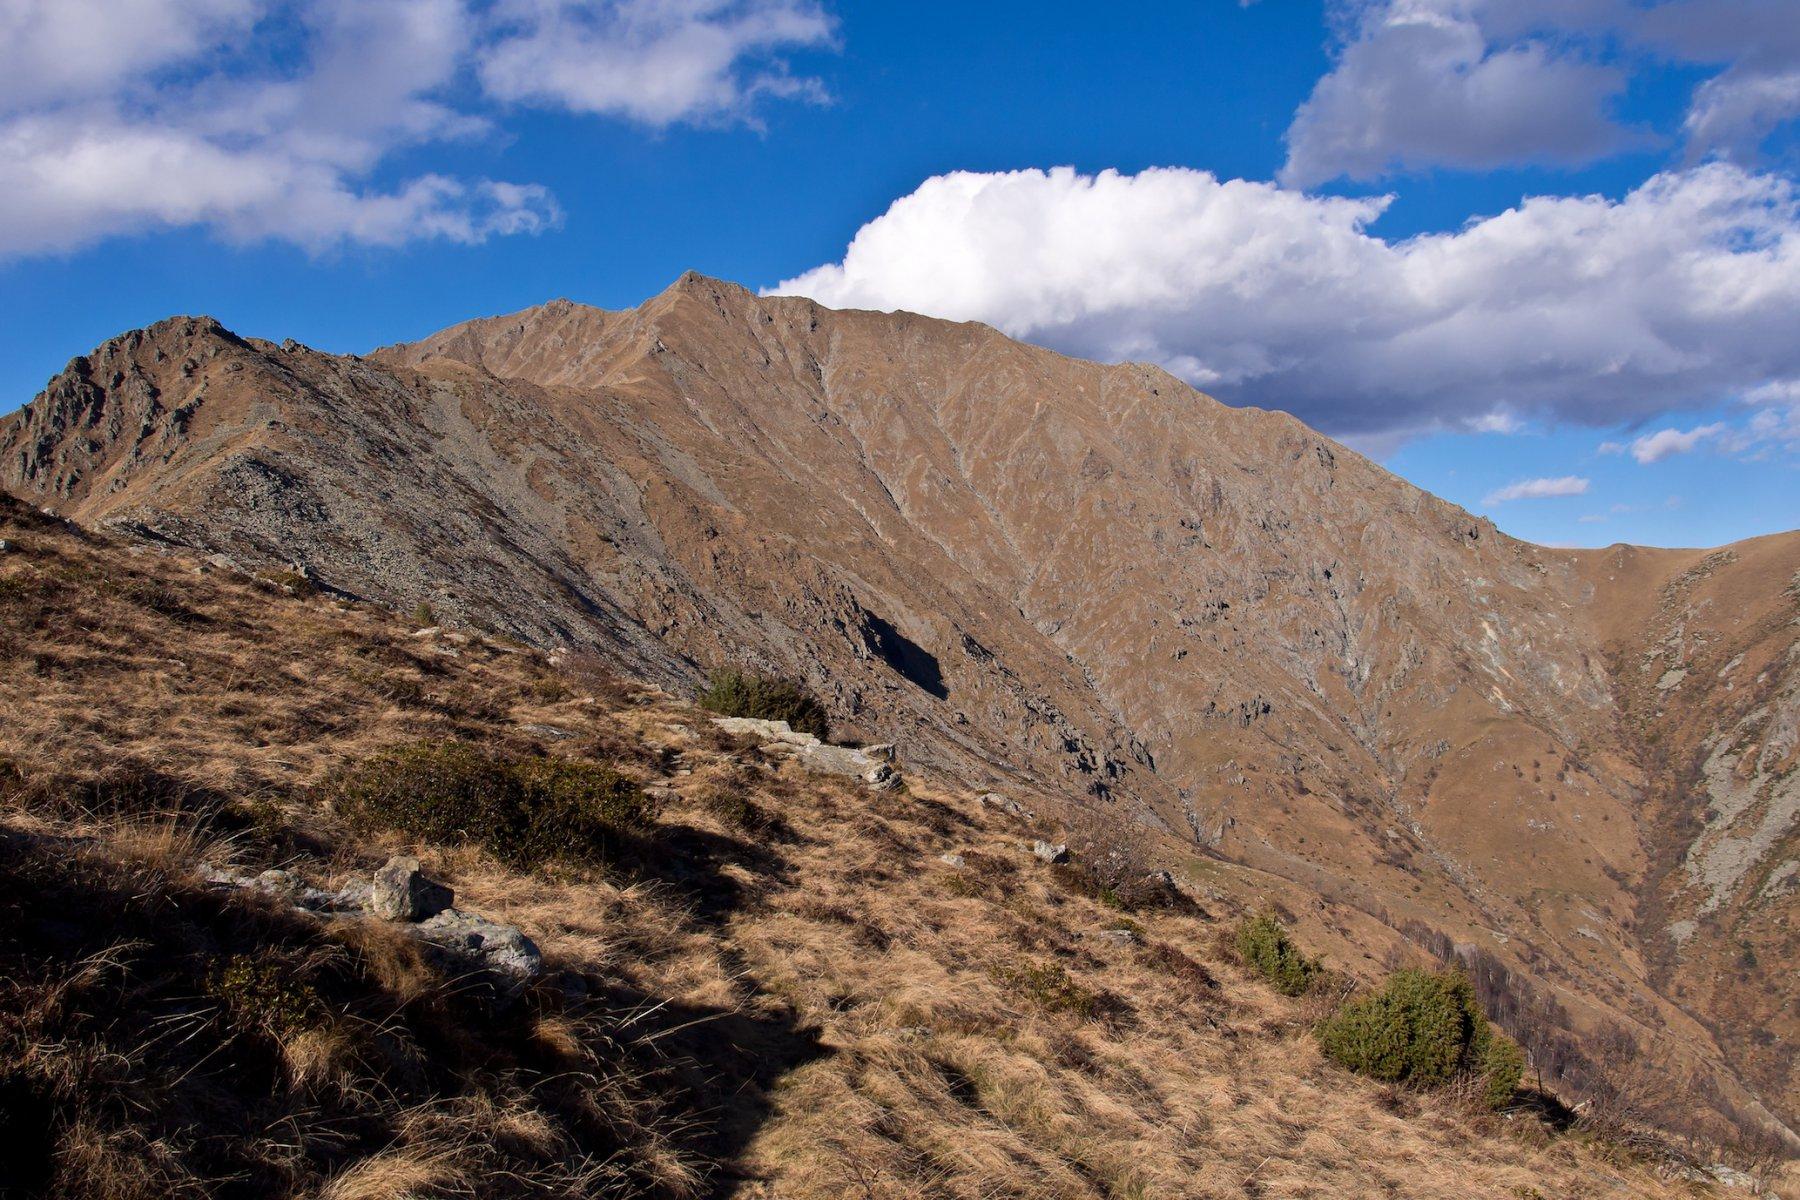 La cresta da percorrere dai pressi della punta di Costafiorita